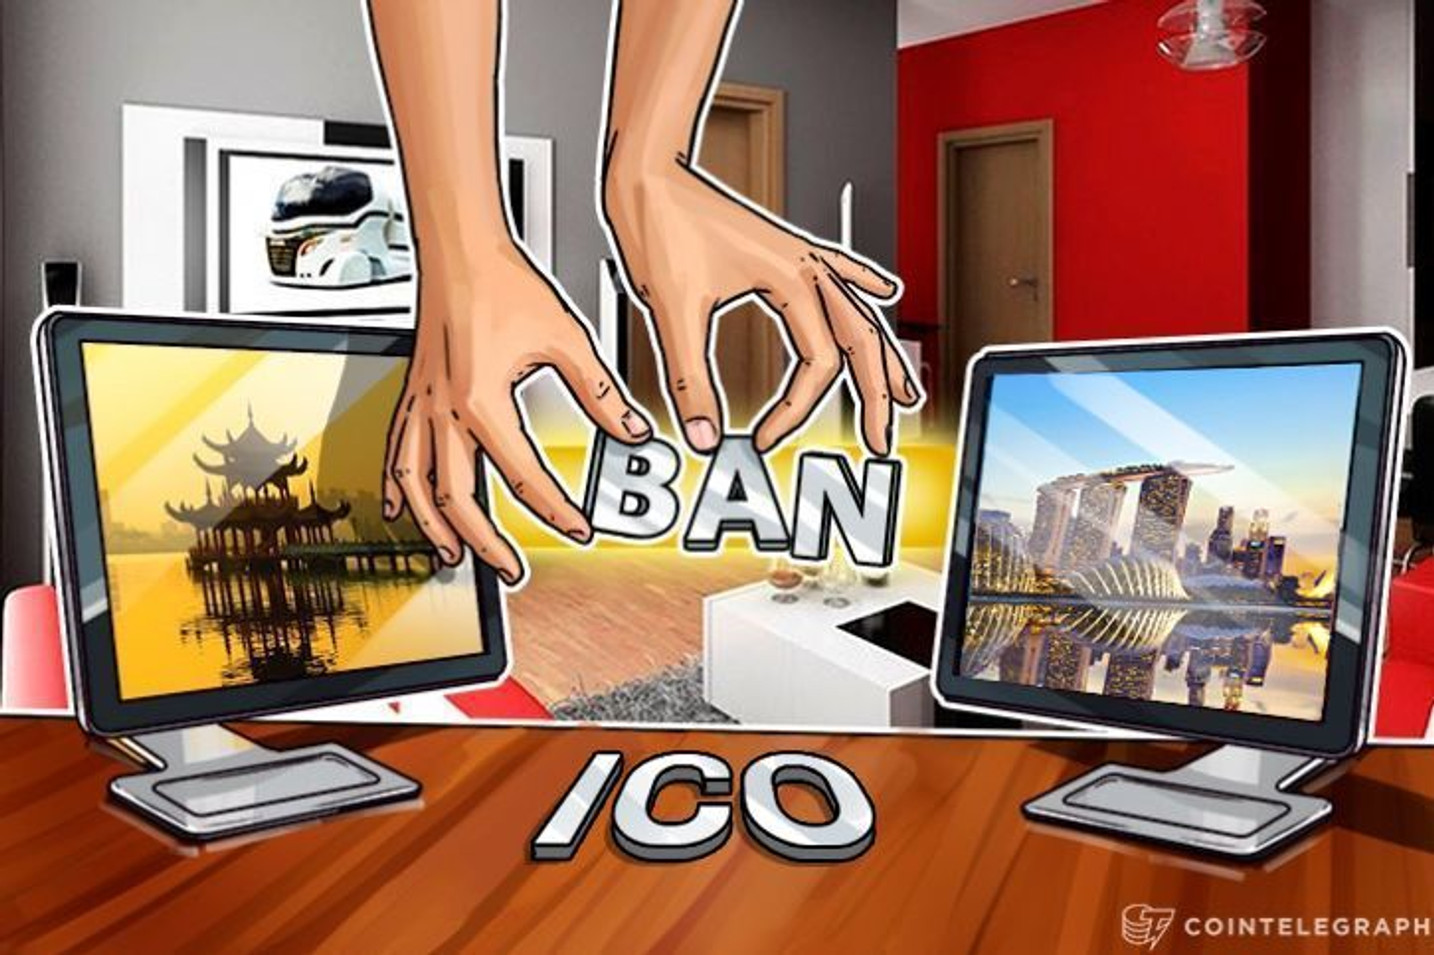 中国のICO規制をきっかけに、日本、シンガポール、米国も規制案見直しへ